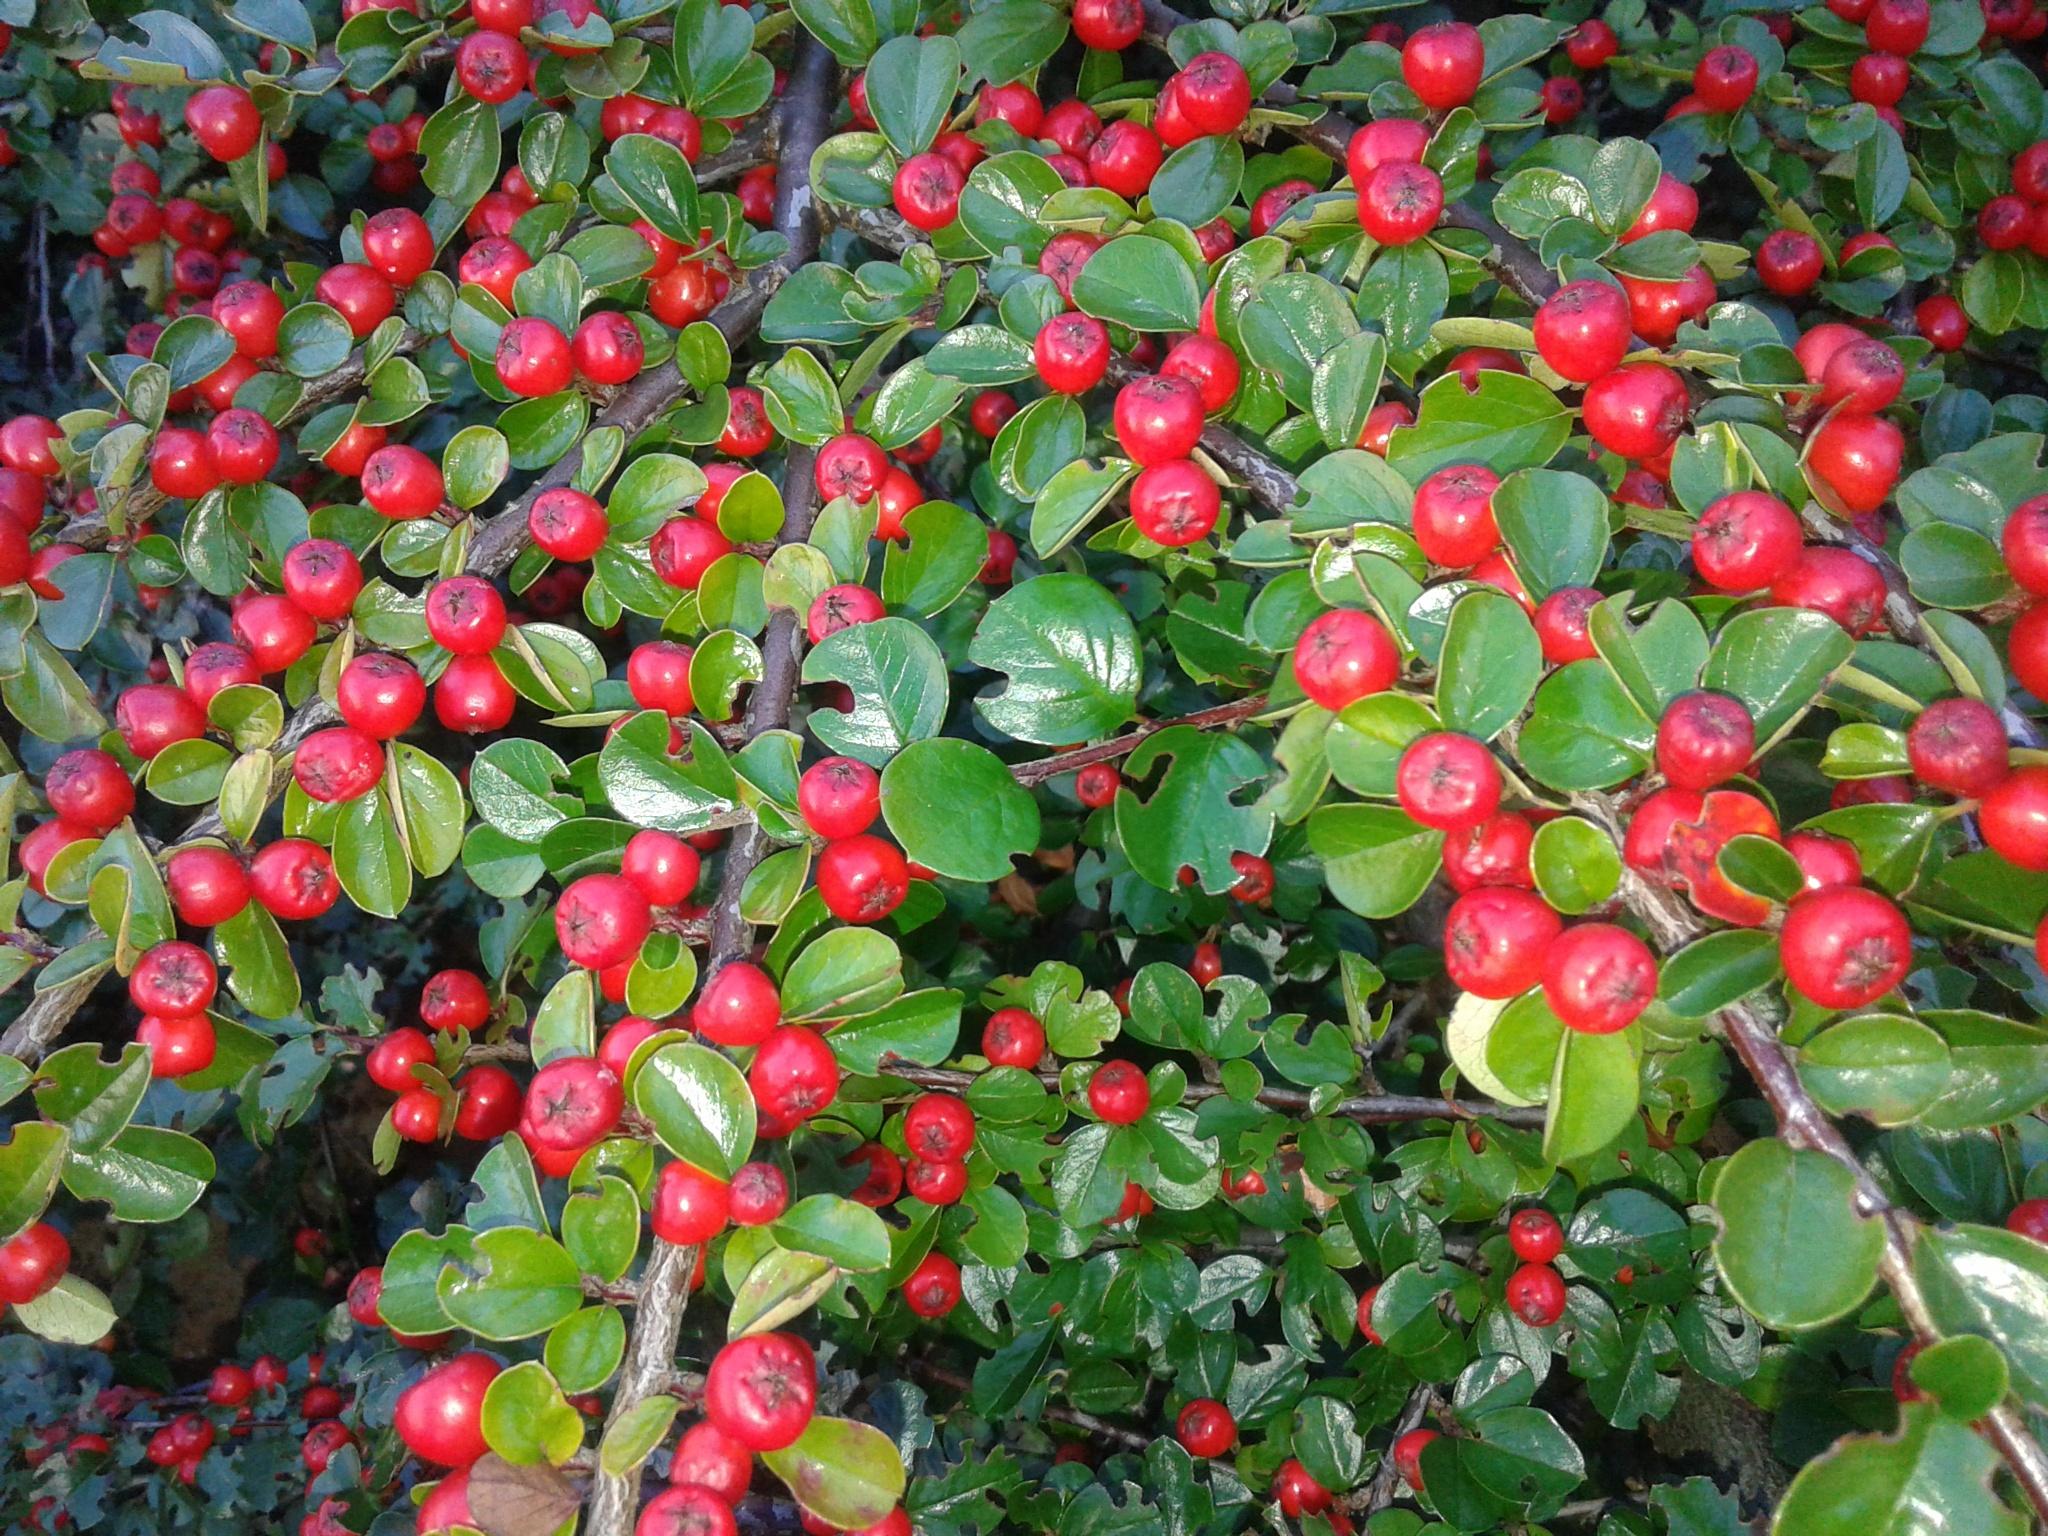 Red berries by uzkuraitiene62